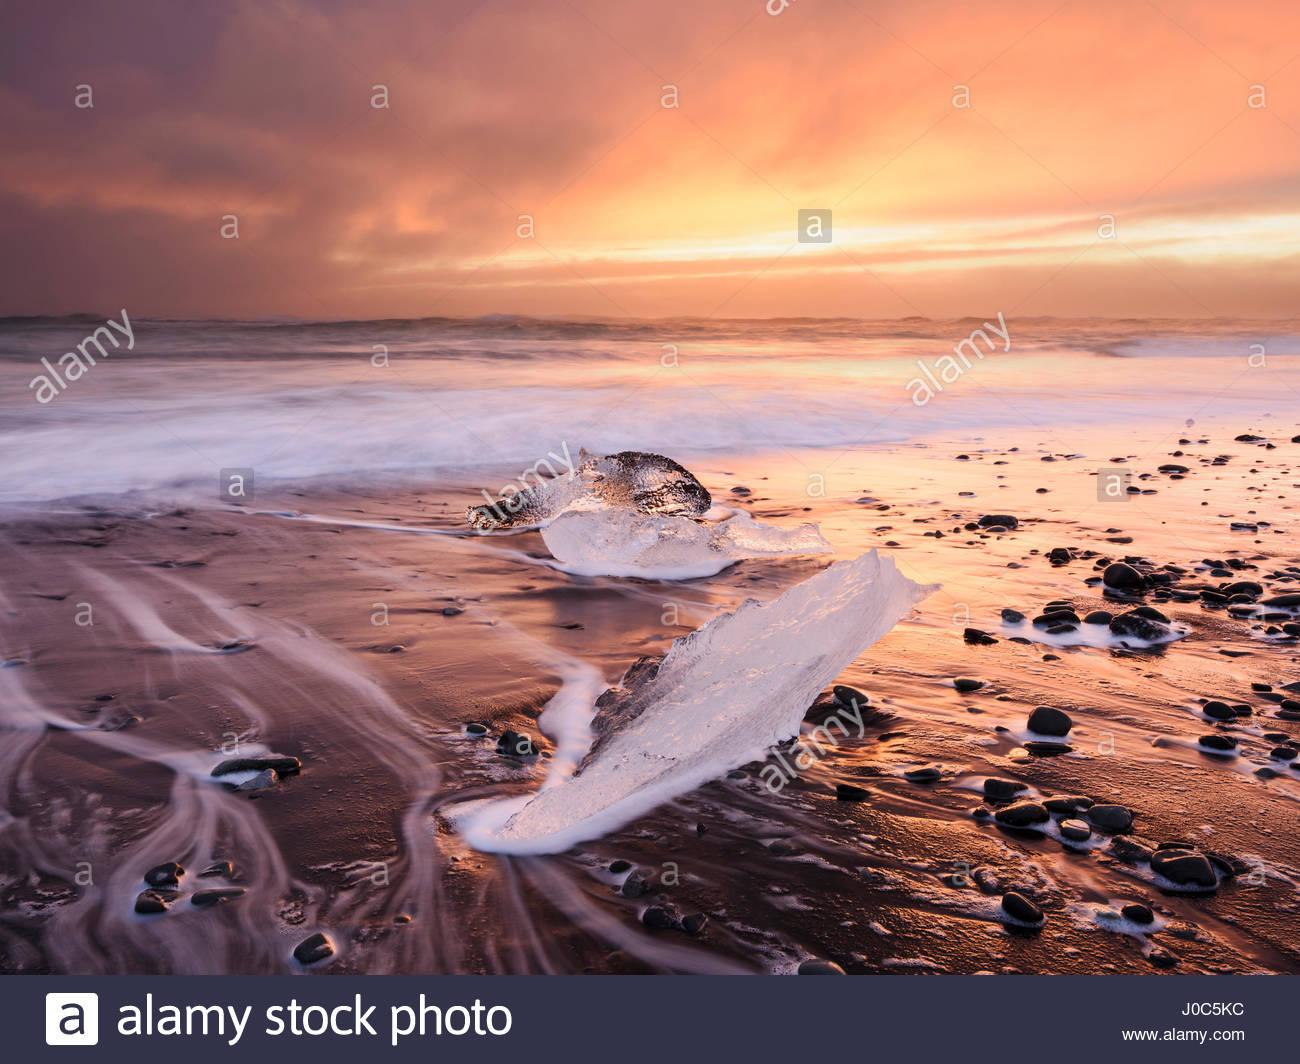 Ice on glacial lagoon beach at sunset, Jokulsarlon, Iceland - Stock Image